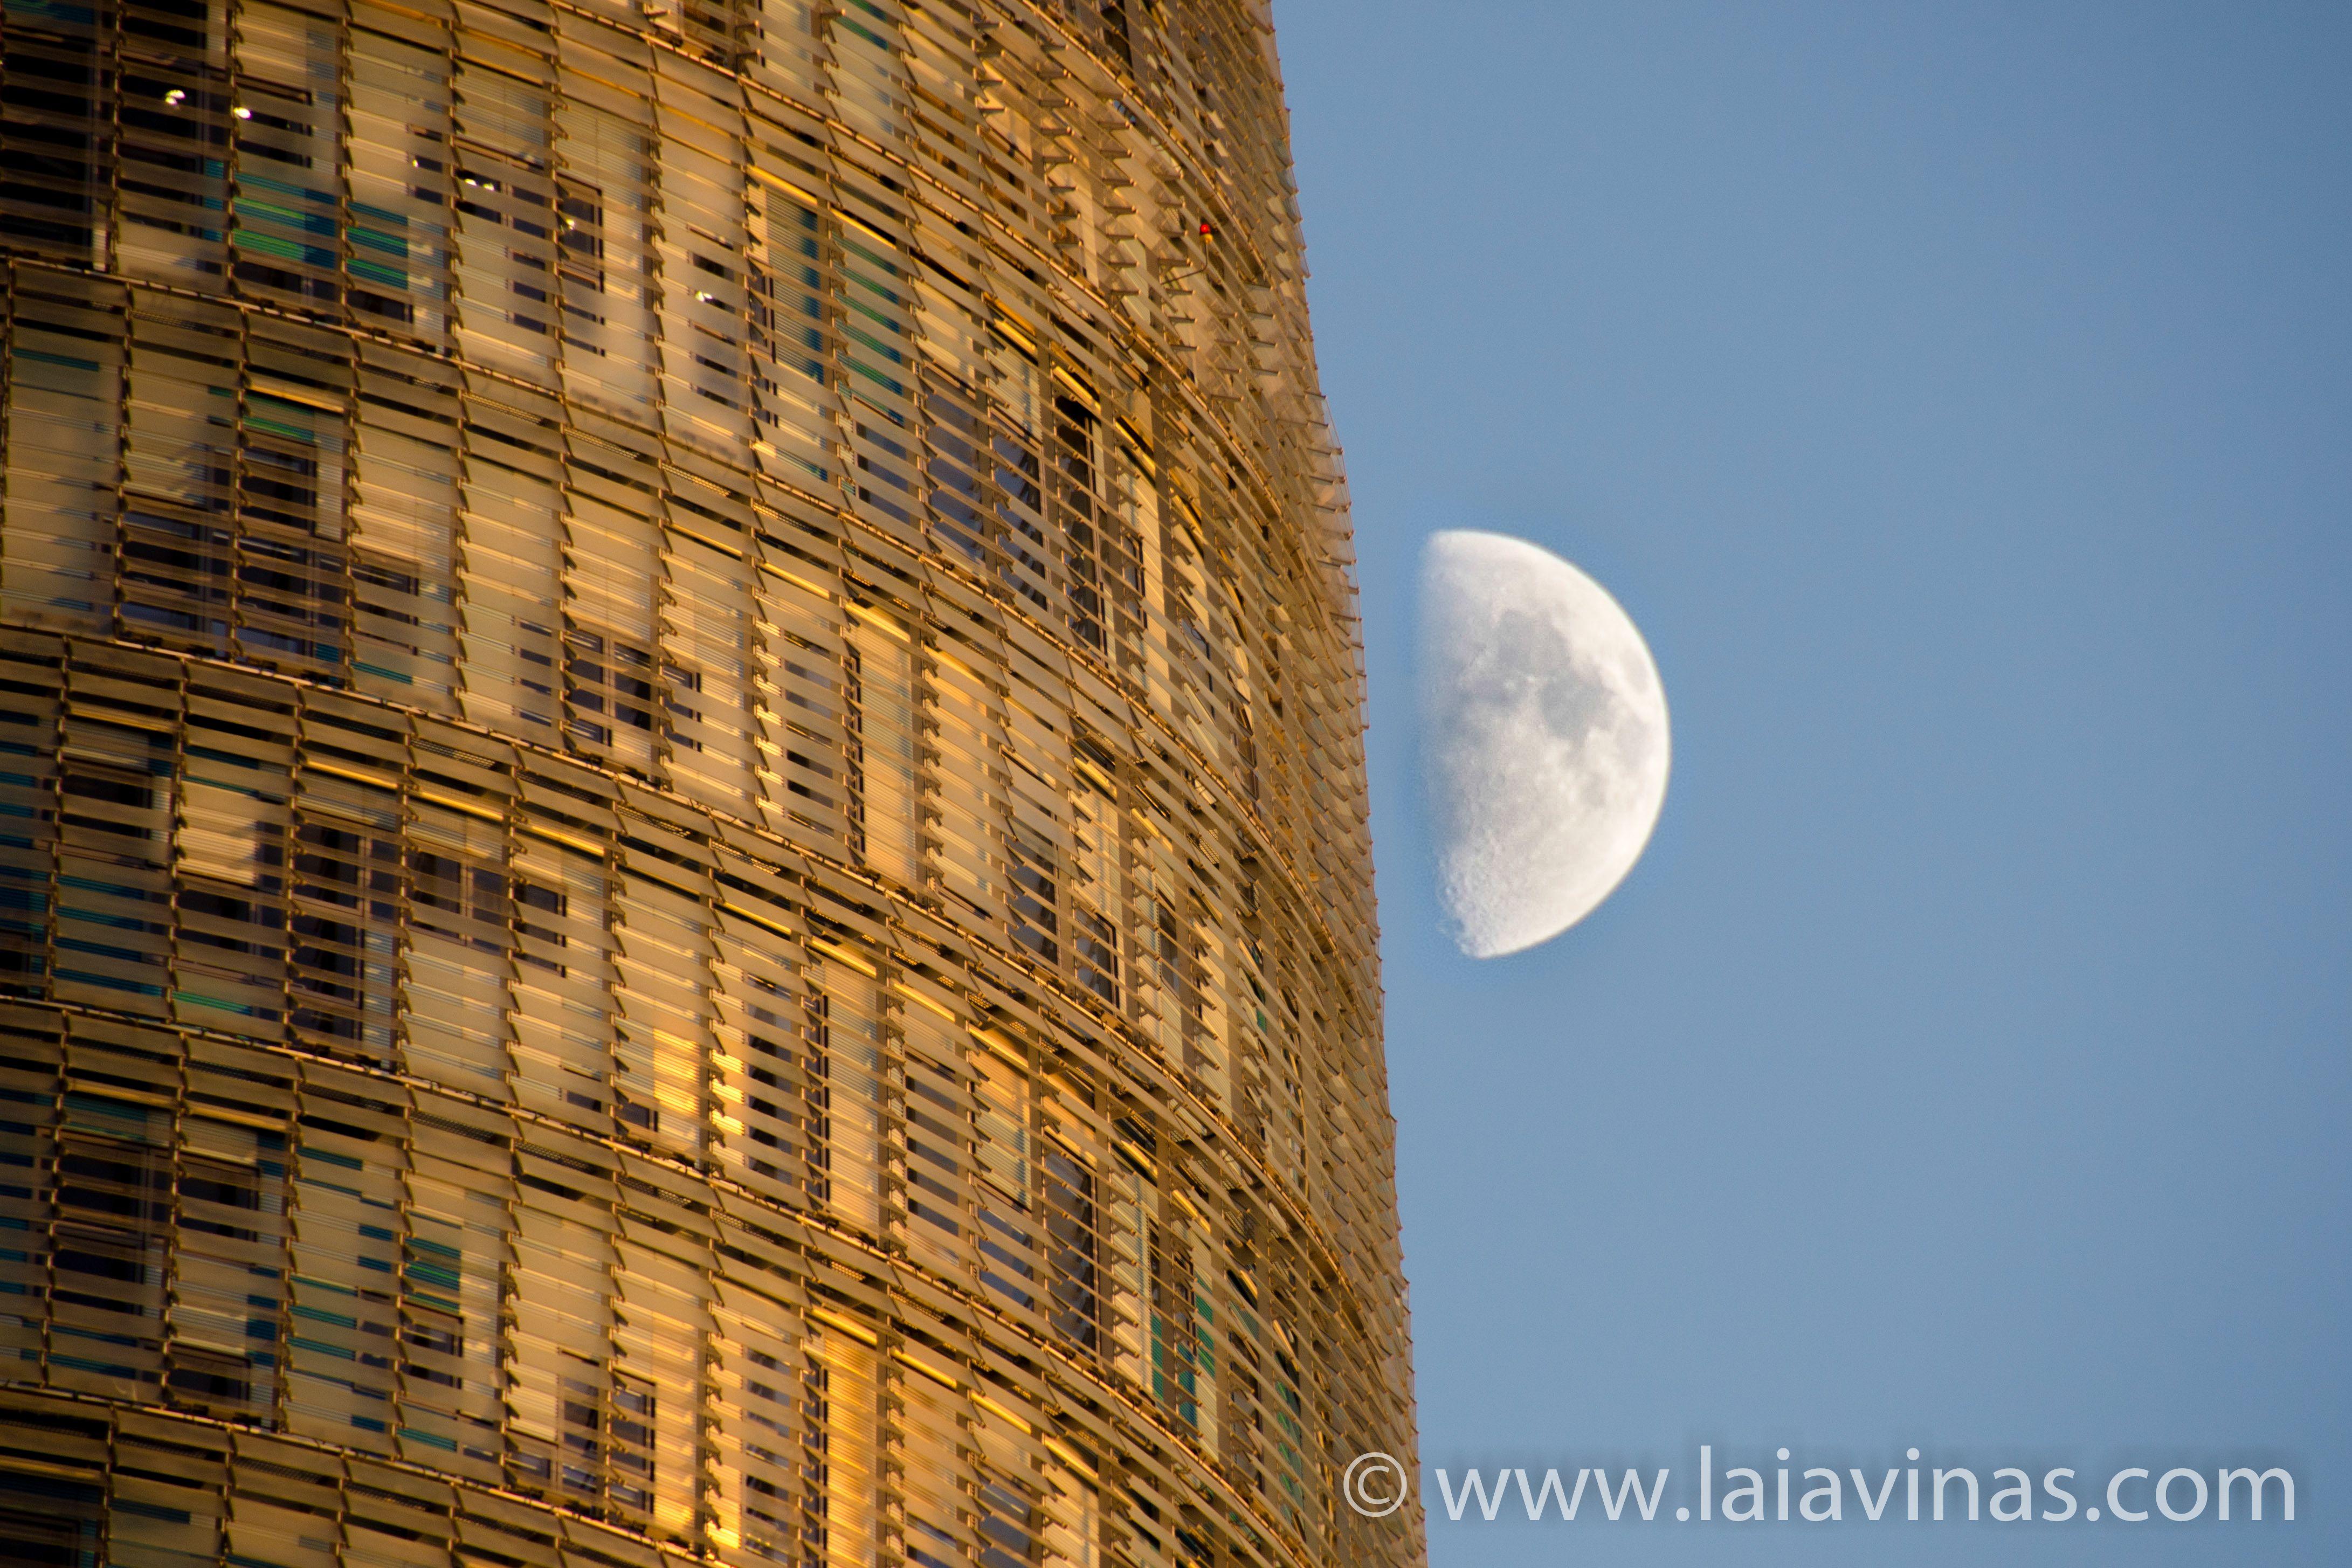 I know I know, no és la Superluna, és feta uns dies abans, però ja que la lluna ens va fer parar a Barcelona, sortiré de l'Índia uns dies per retratar la meva ciutat :-)